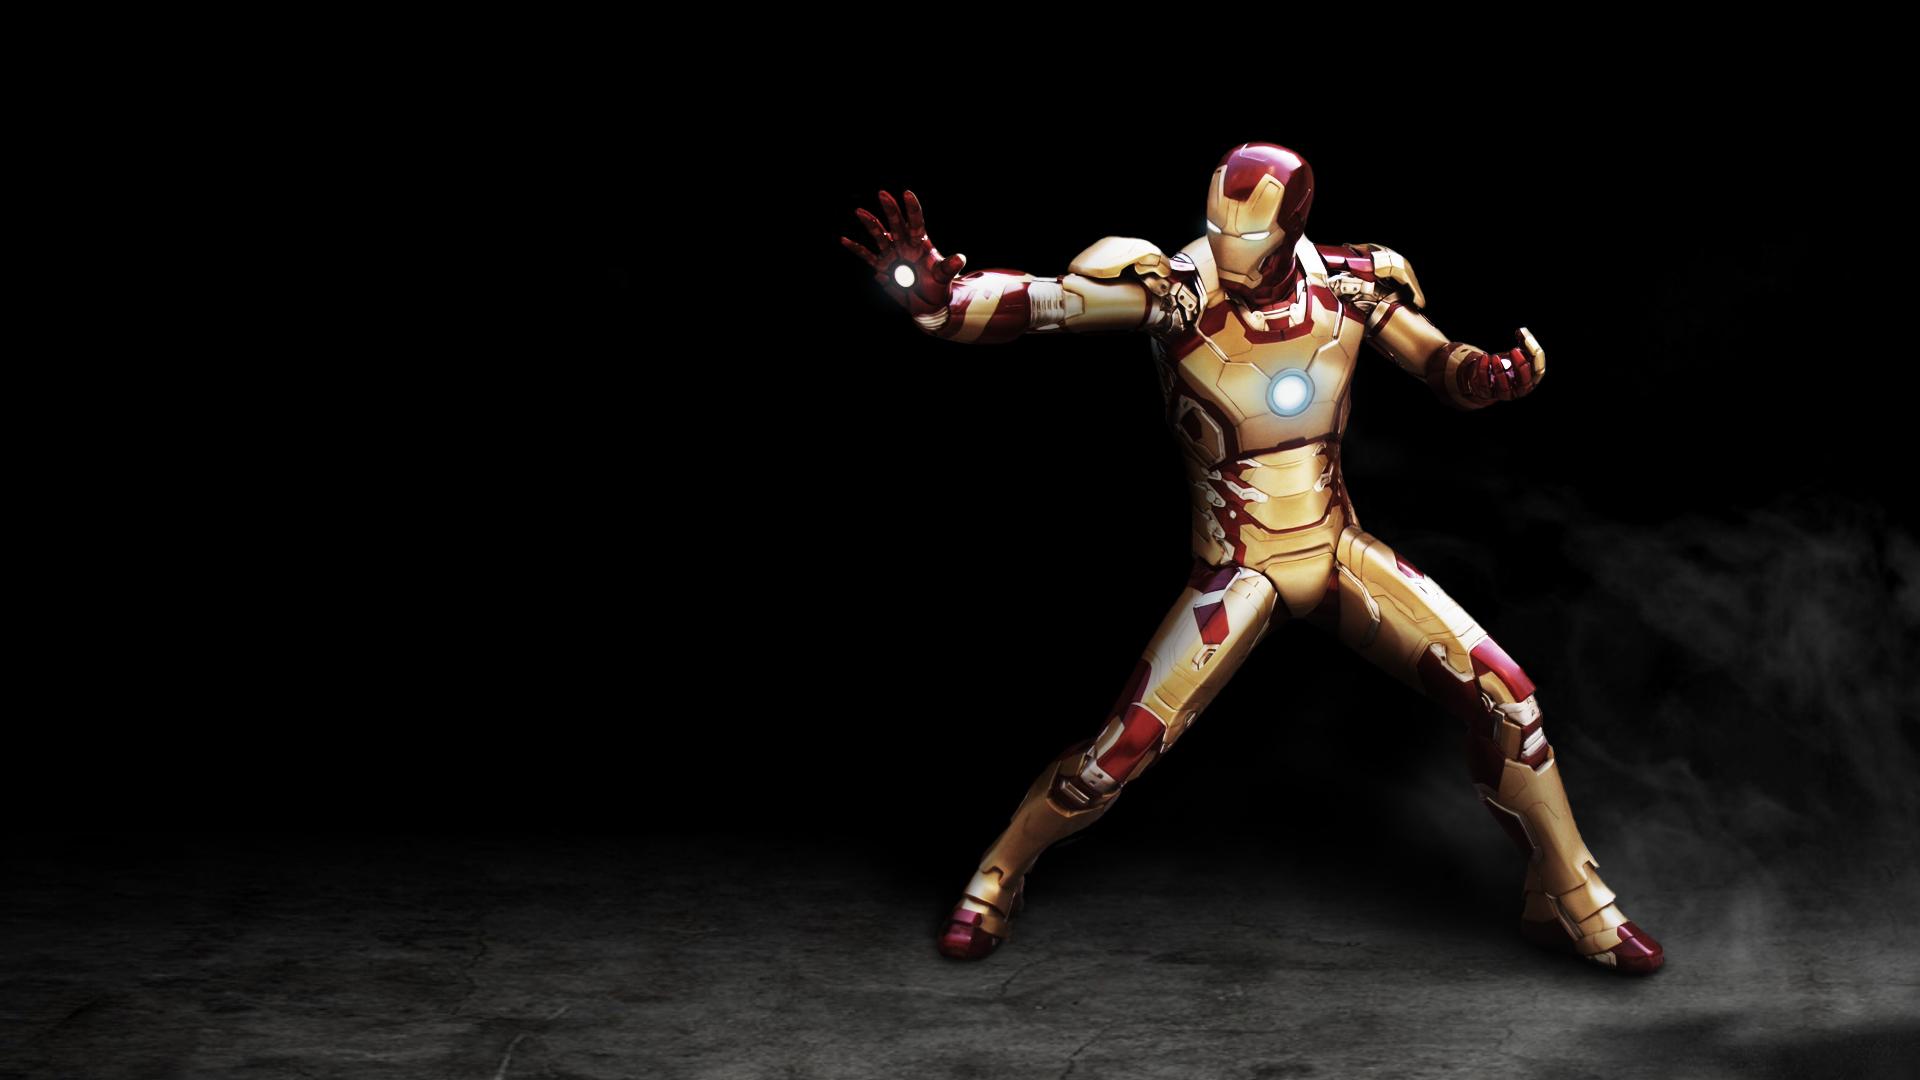 Cool Iron Man Wallpaper Best 7701 Wallpaper High Resolution 1920x1080